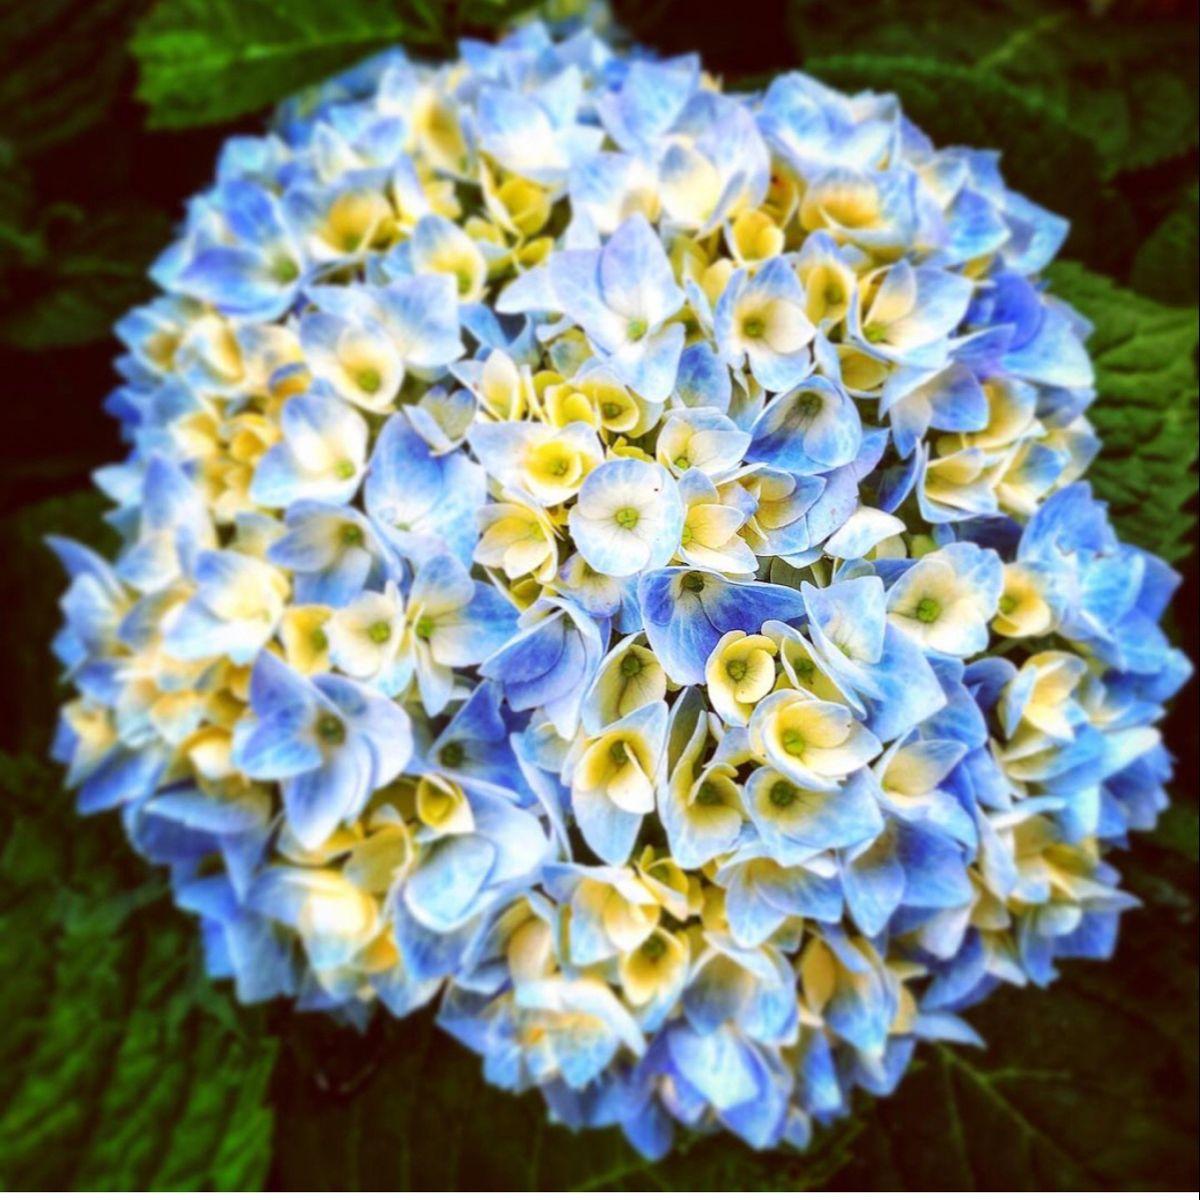 Hydrangeas For Sale In 2020 Hydrangeas For Sale Buy Flowers Online Flowers For Sale